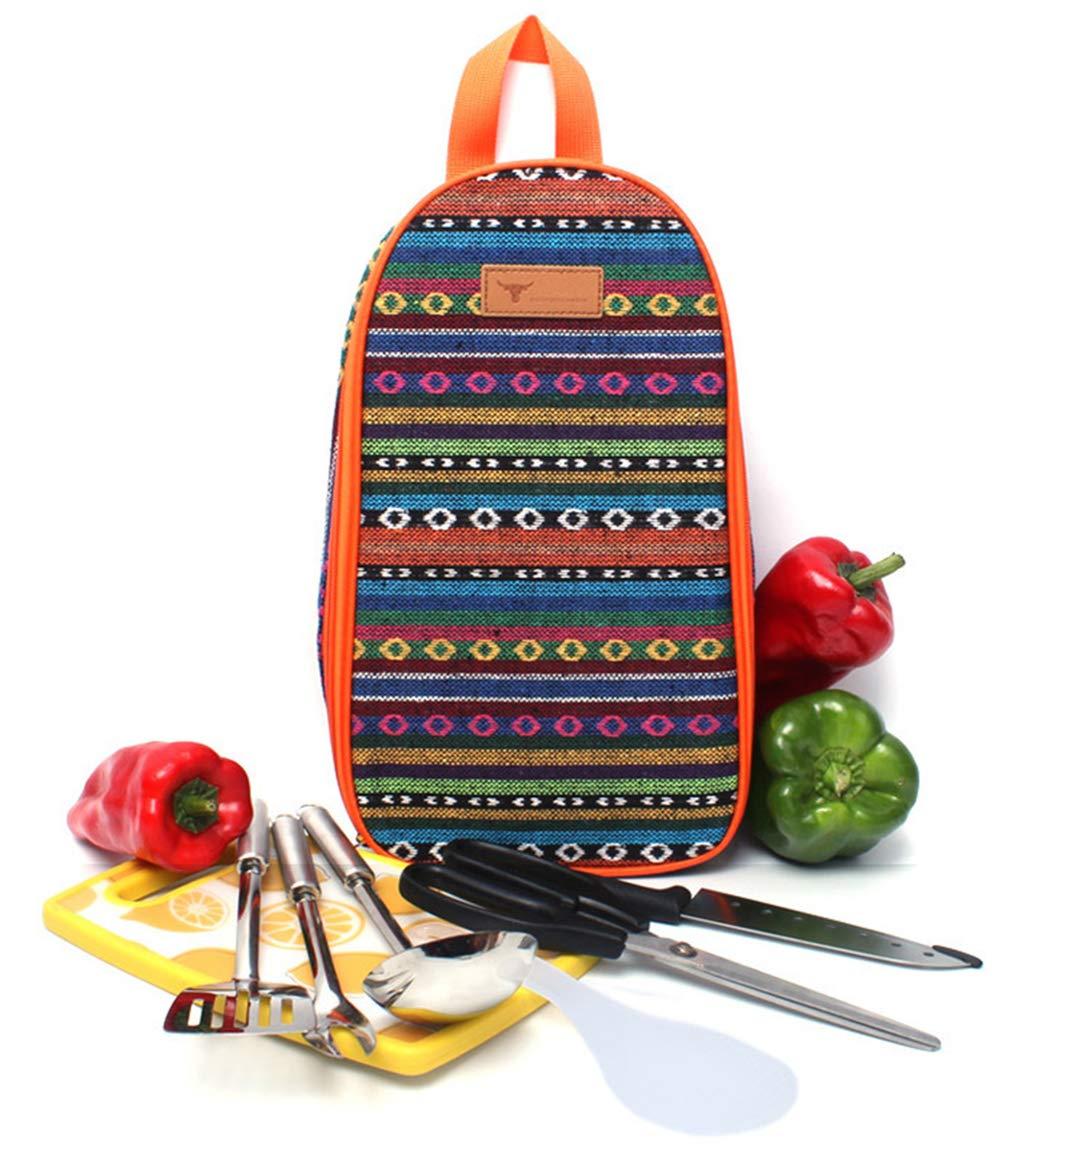 Eohak Cooking Utensils Travel Bag Camp - Portable Camping Kitchen Utensils Organizer (Orange) by Eohak